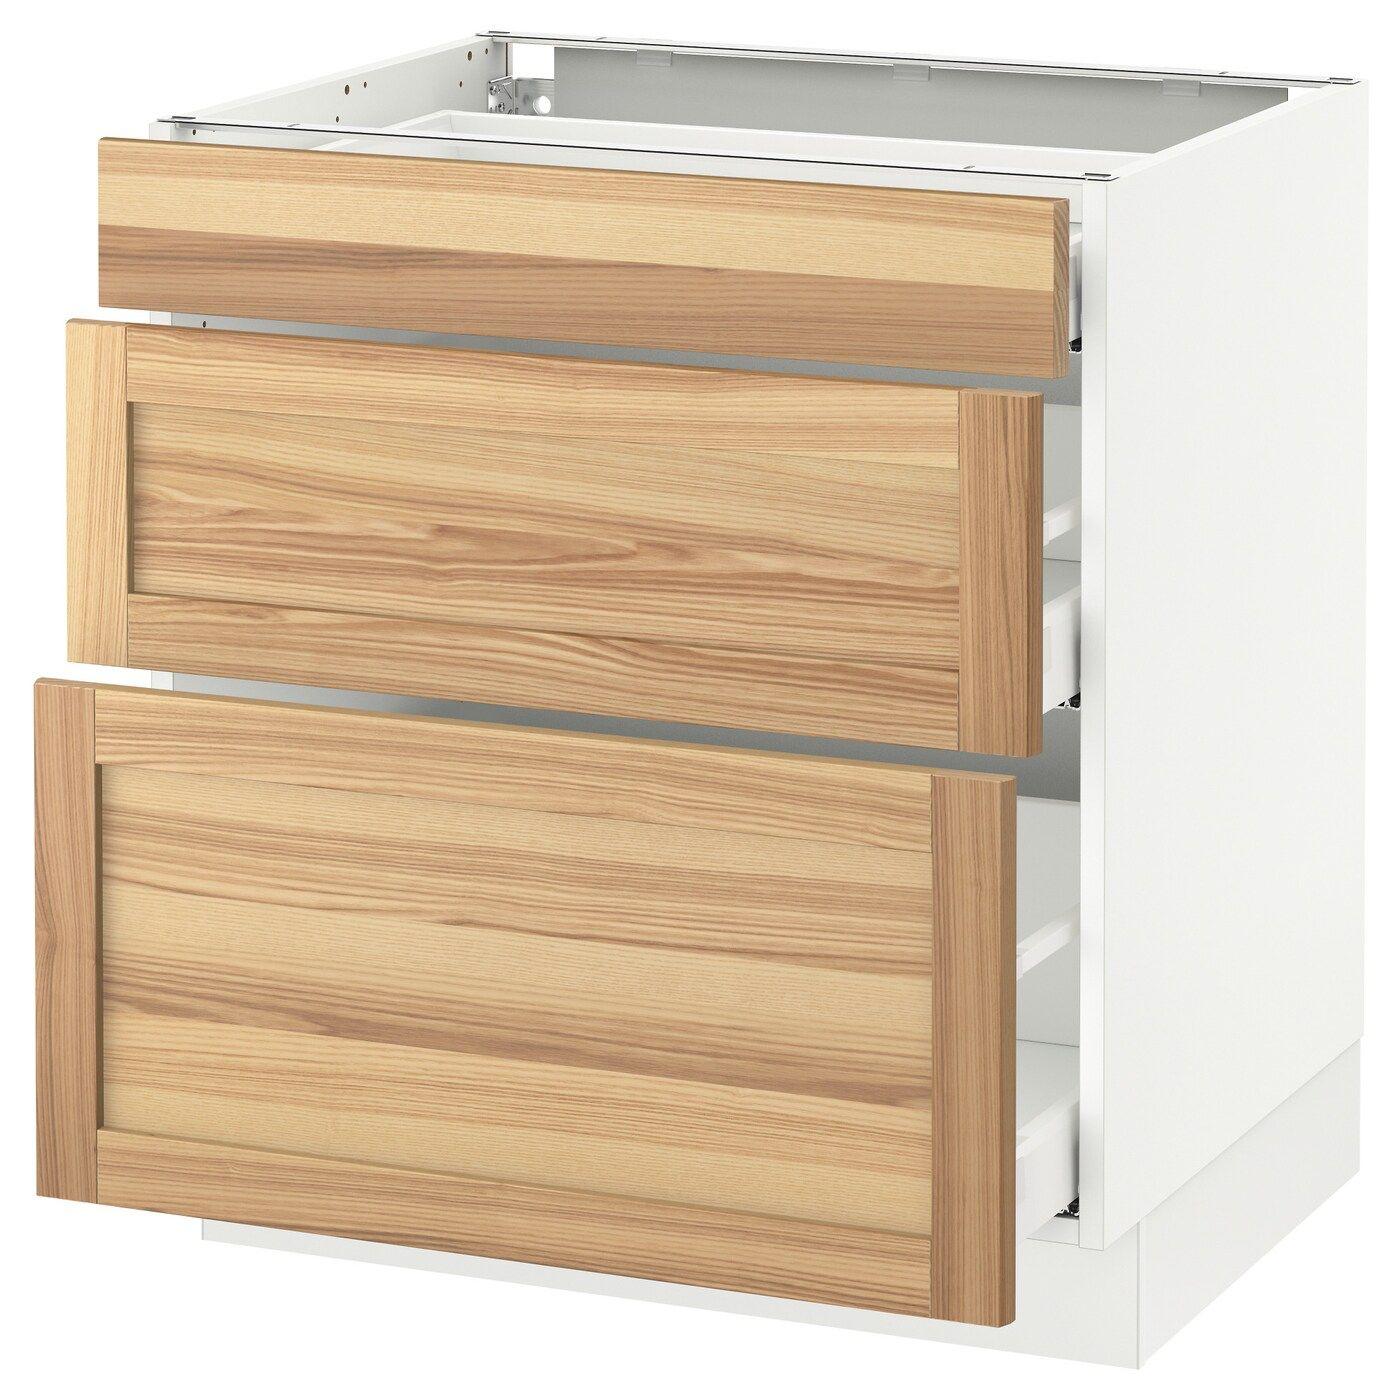 Sektion Base Cabinet With 3 Drawers White Maximera Torhamn Ash 30x24x30 Ikea In 2020 Base Cabinets Ikea Drawers